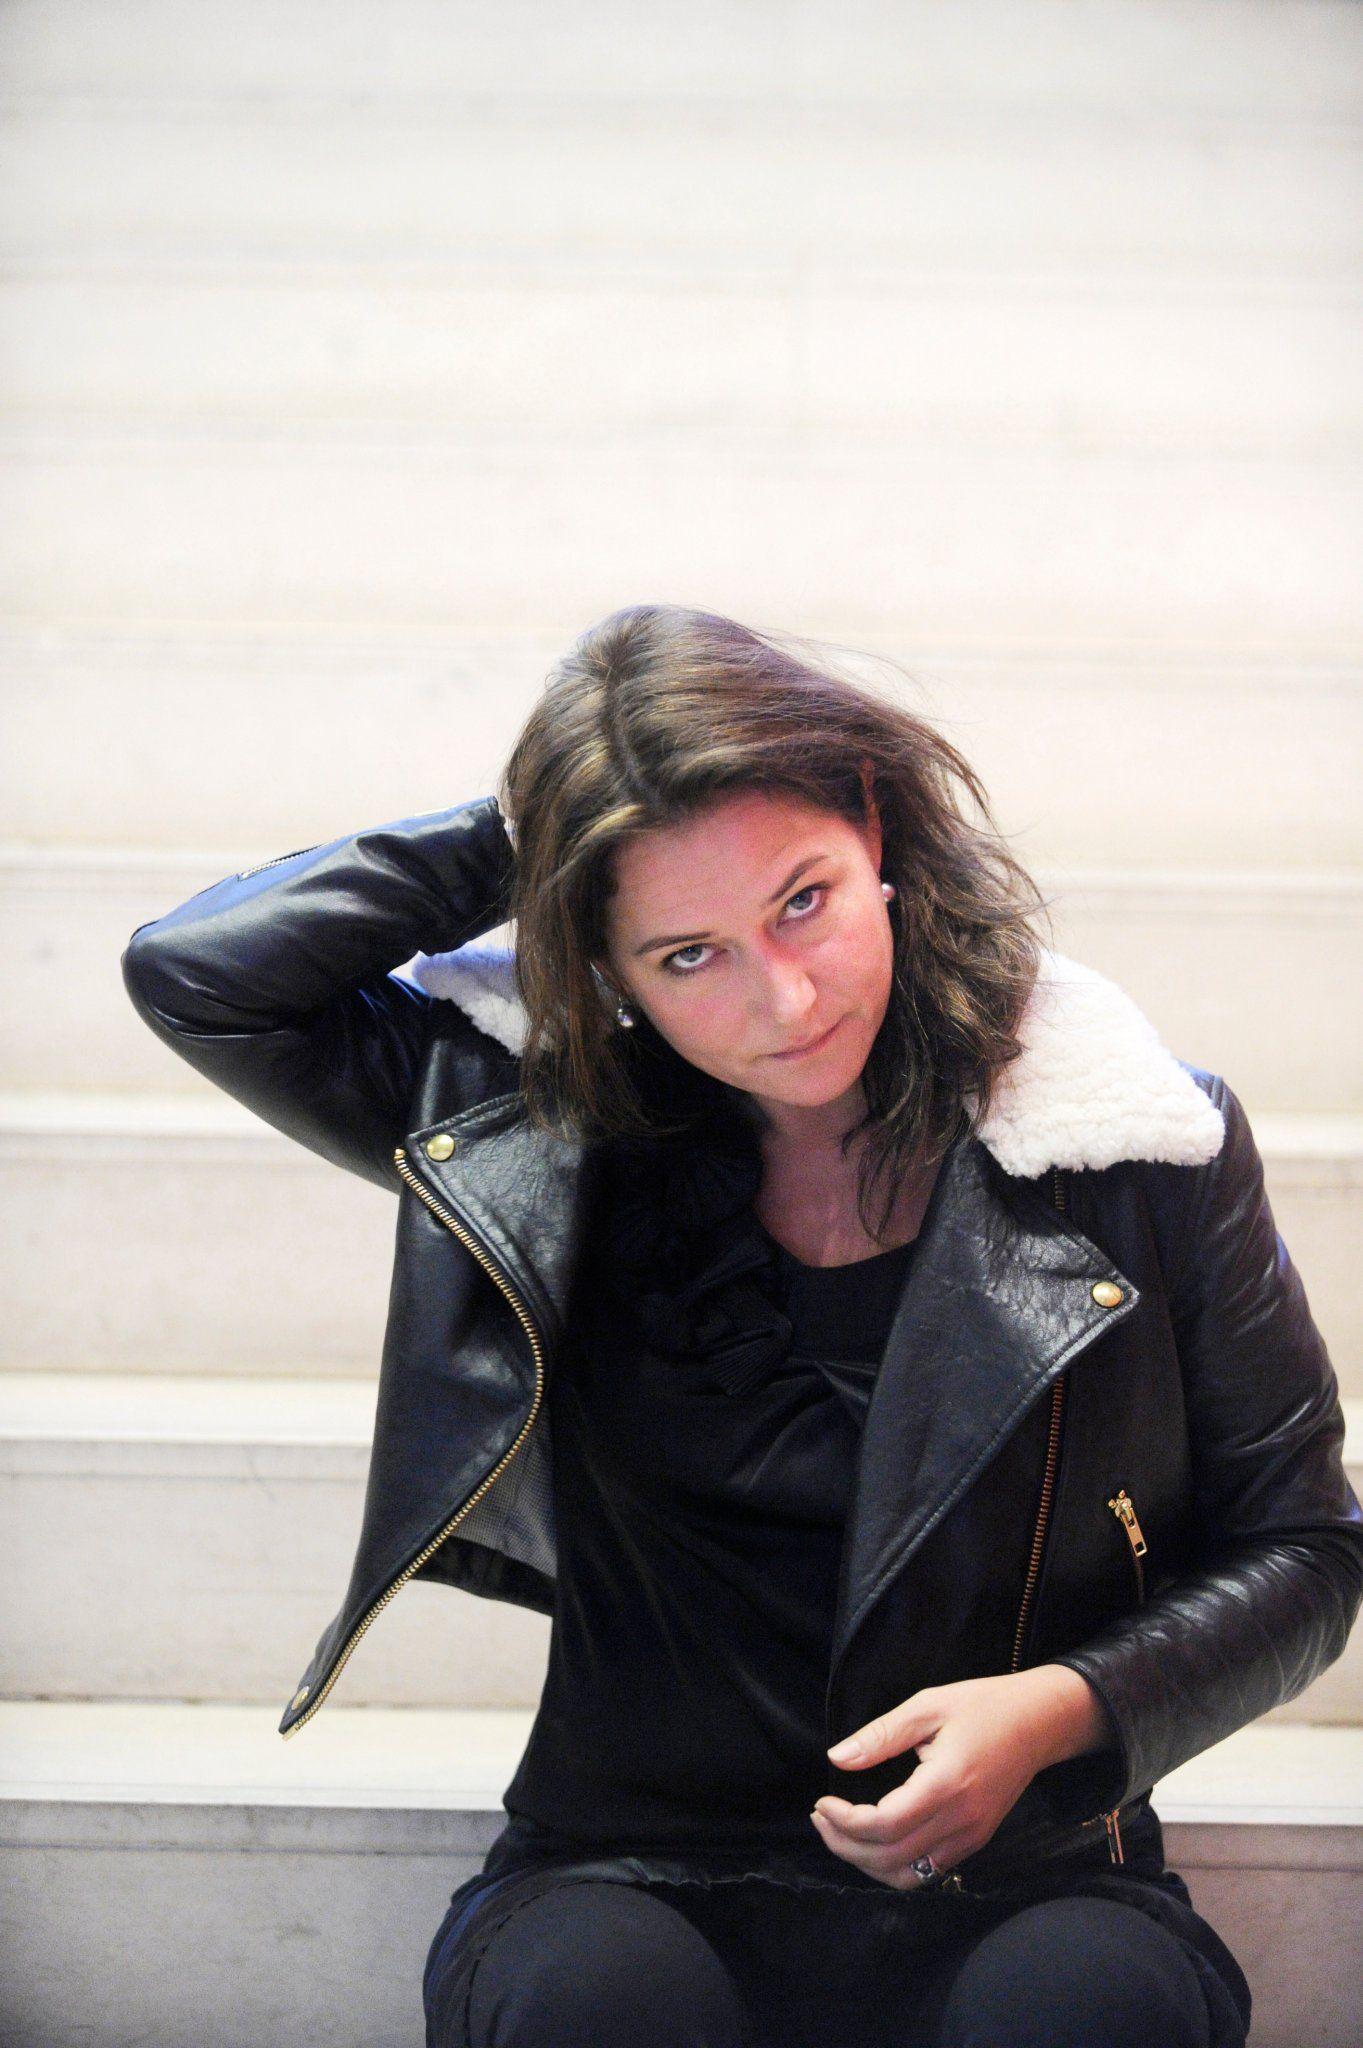 Sidse Babett Knudsen Fist saw her in the series Borgen